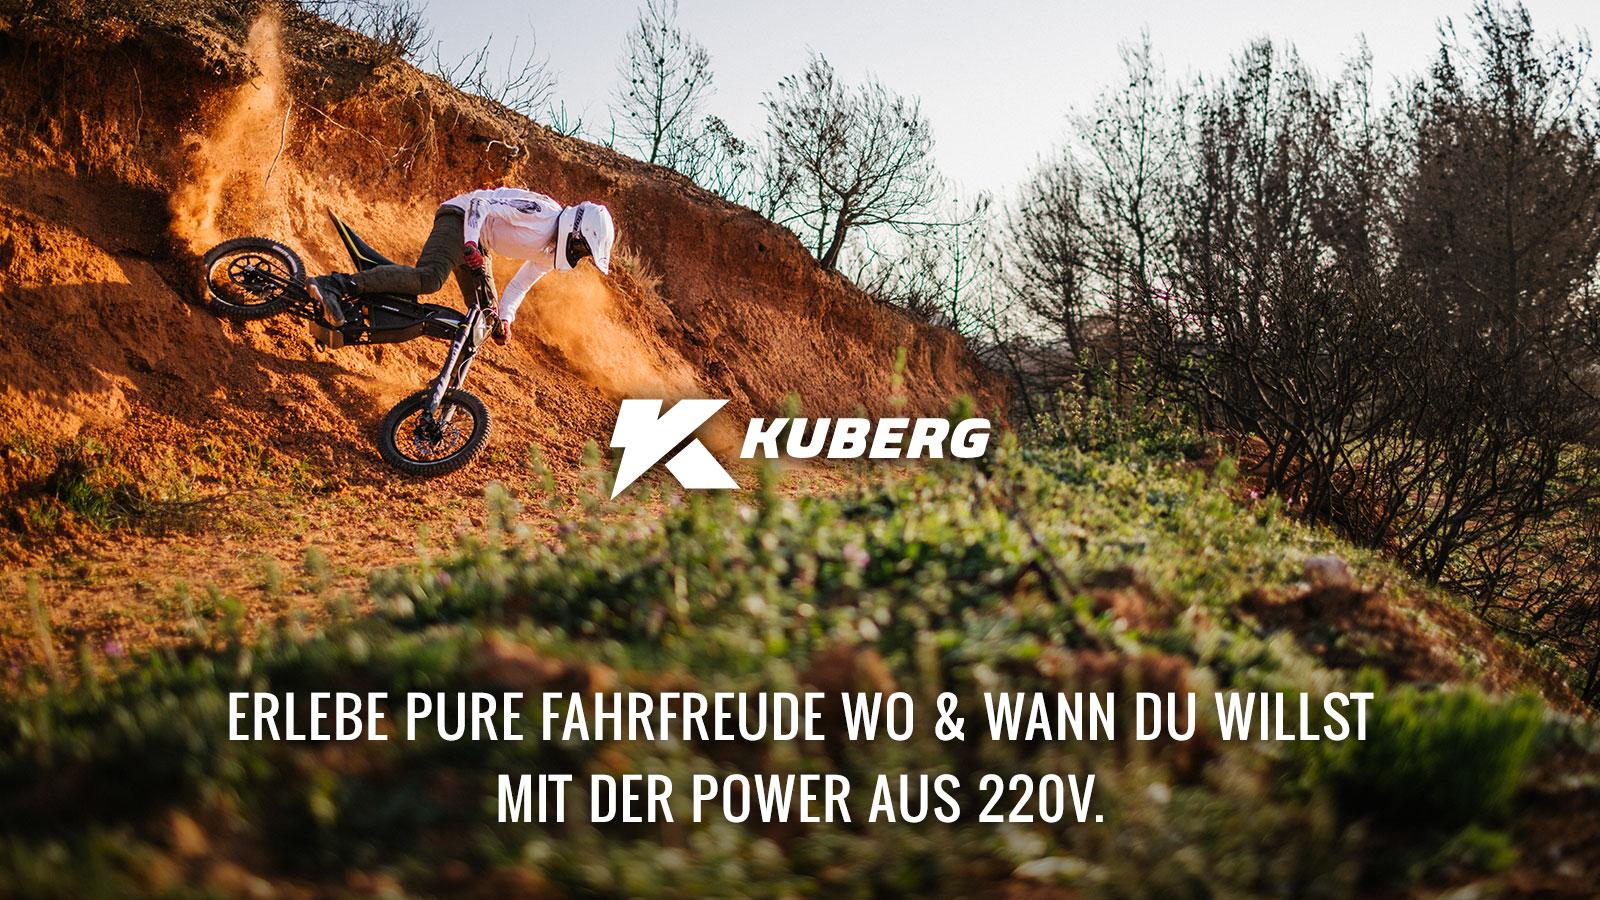 Kuberg - Erlebe den Adrenalinrausch mit der Power eines E-Motors